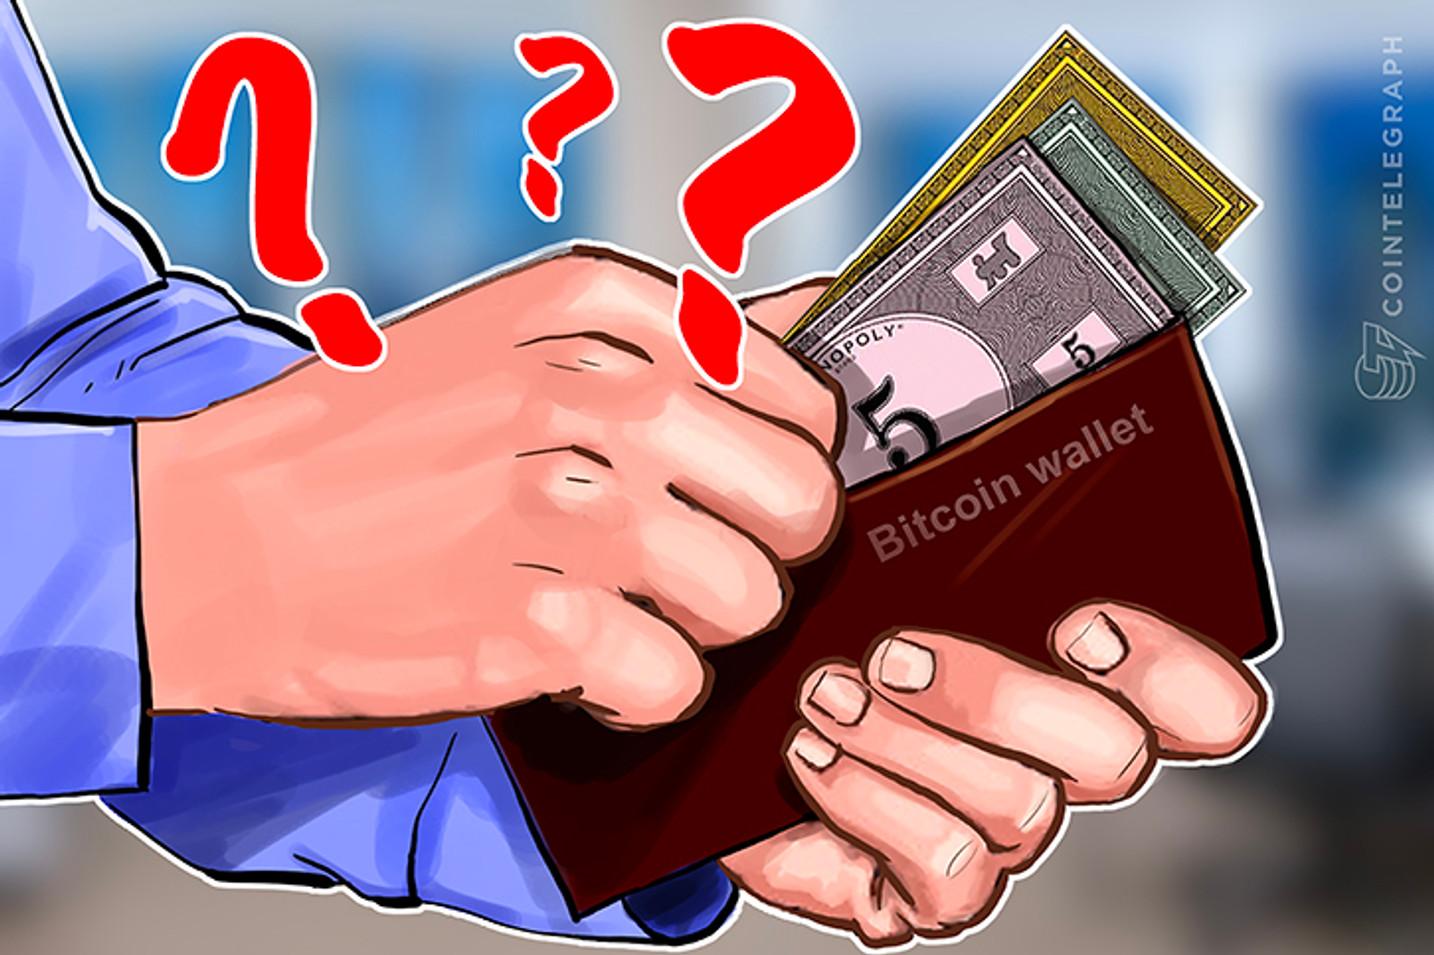 """Bitcoin Wallet Bamboozle: Bitcoin.com Offering Bitcoin Cash Wallet, Calling it """"Bitcoin"""""""